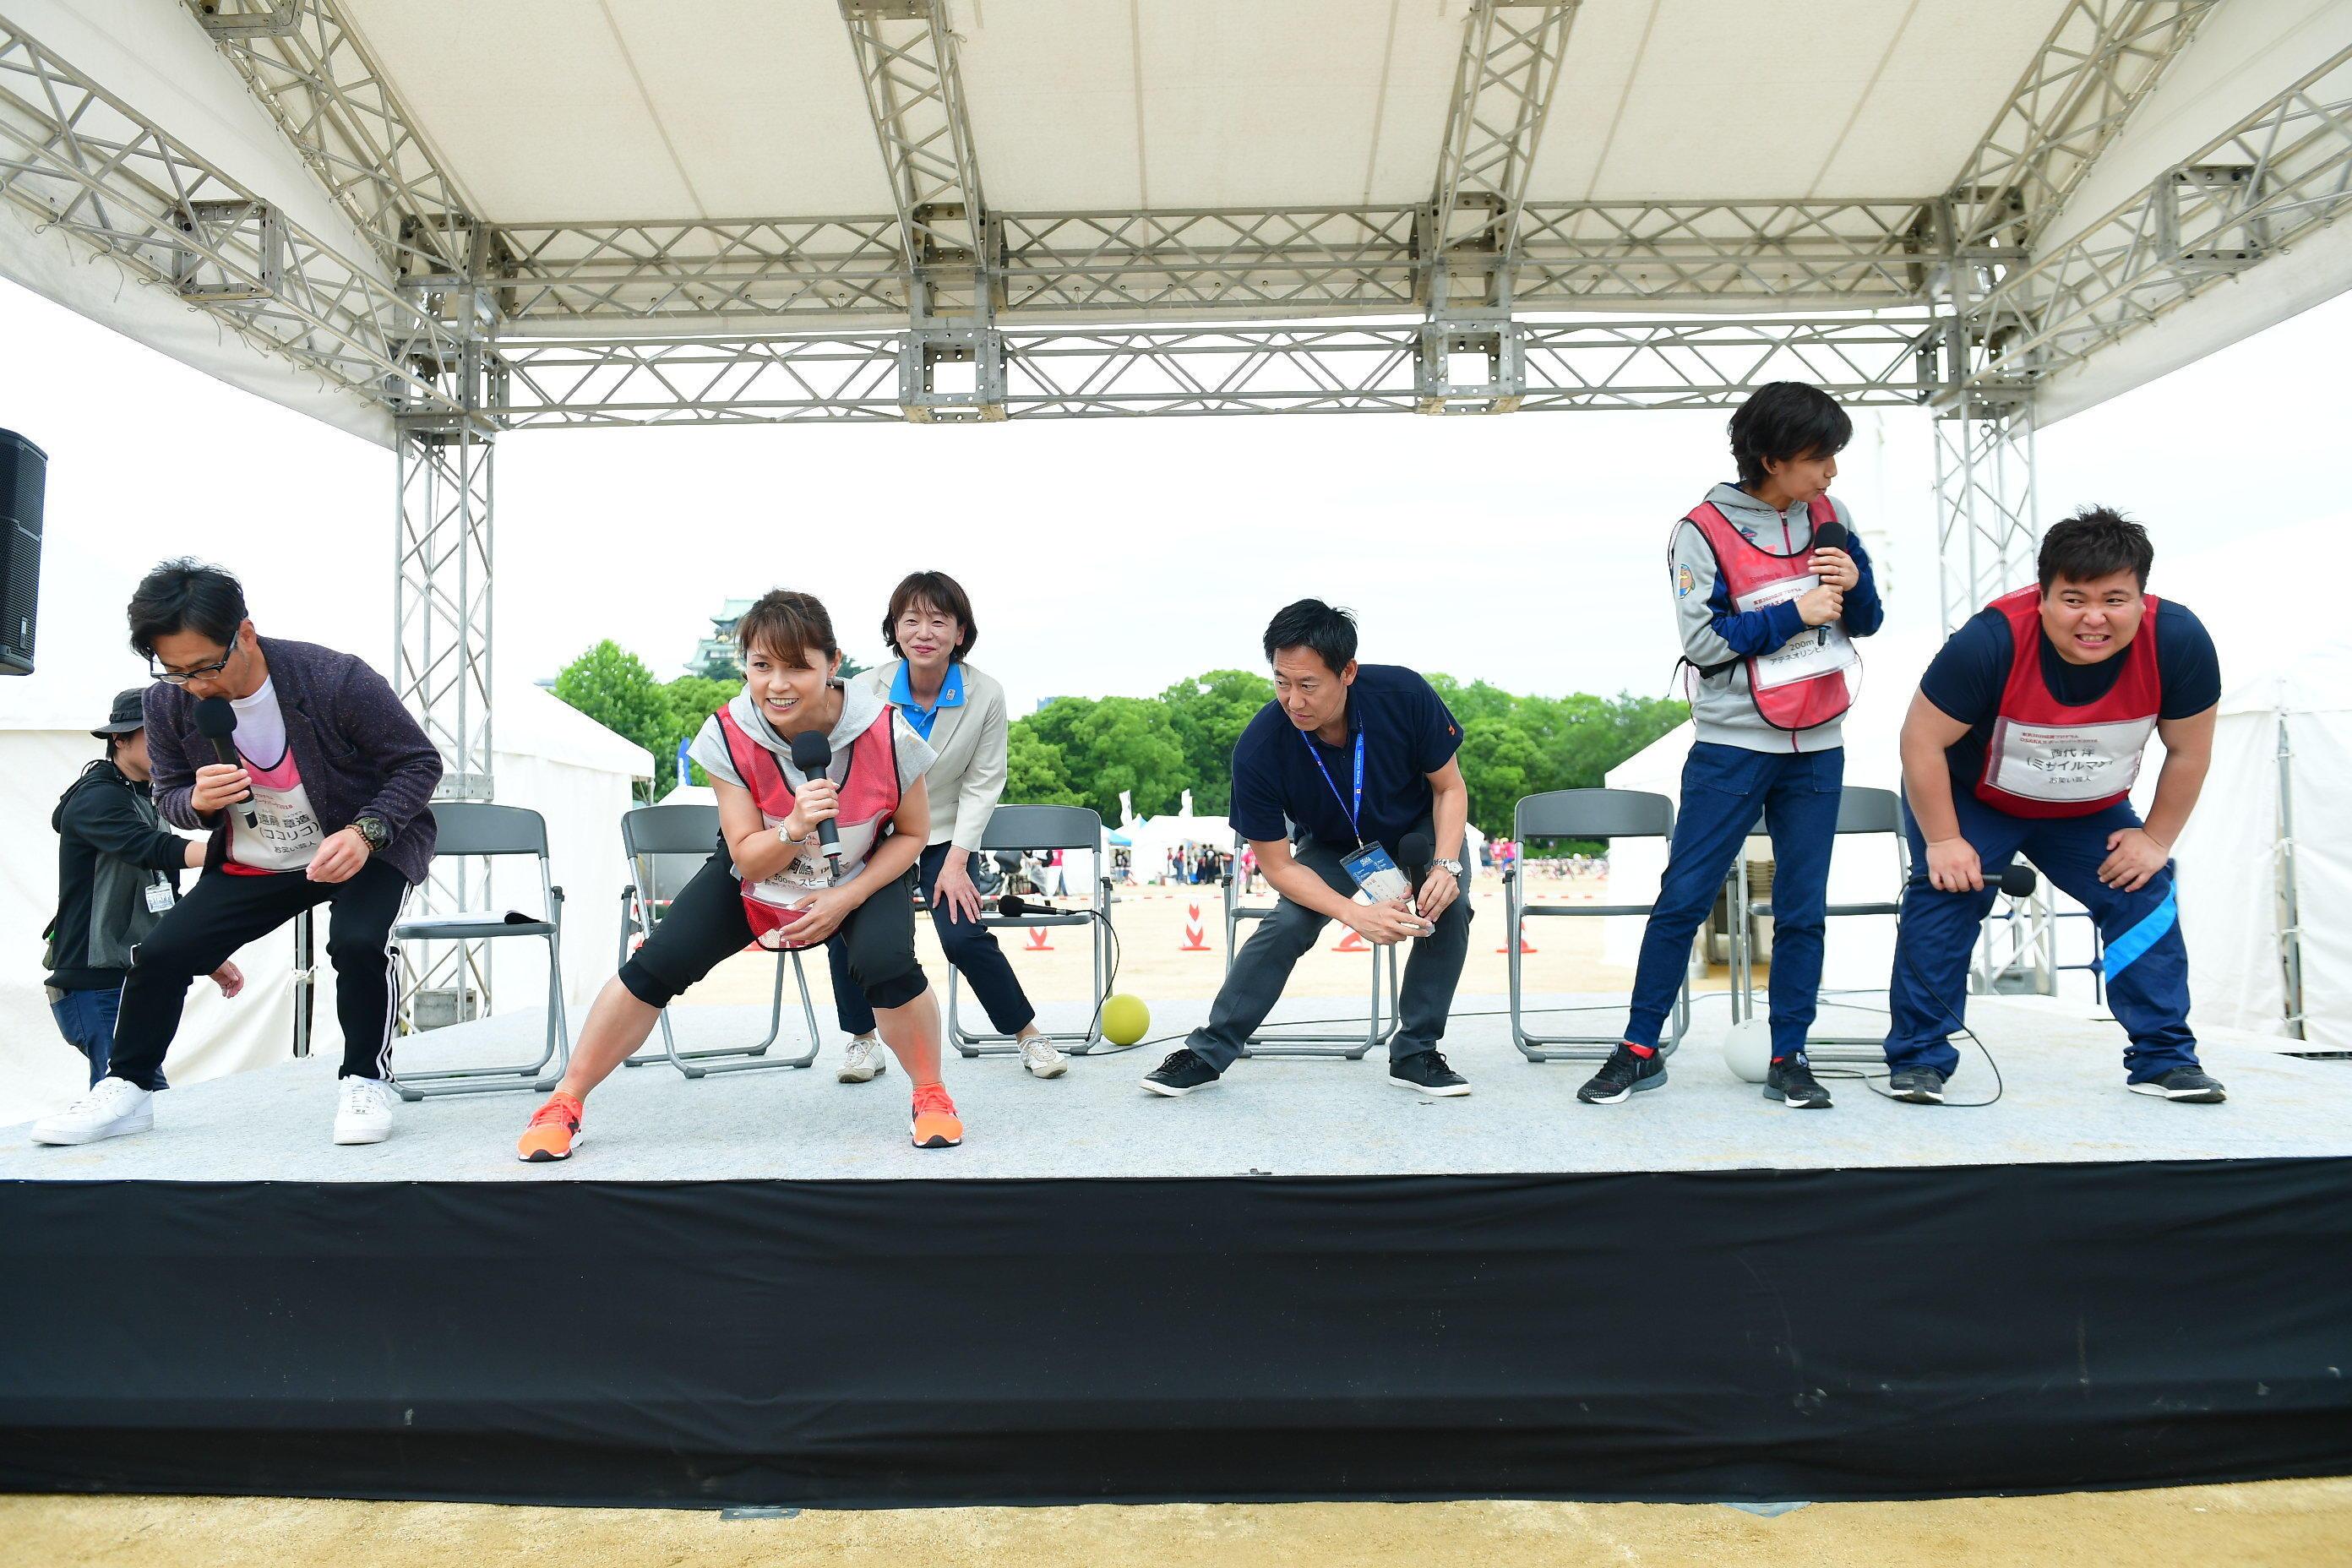 http://news.yoshimoto.co.jp/20180612161101-6044d00ddd2f39674e80ef547ee658055df60c6a.jpg